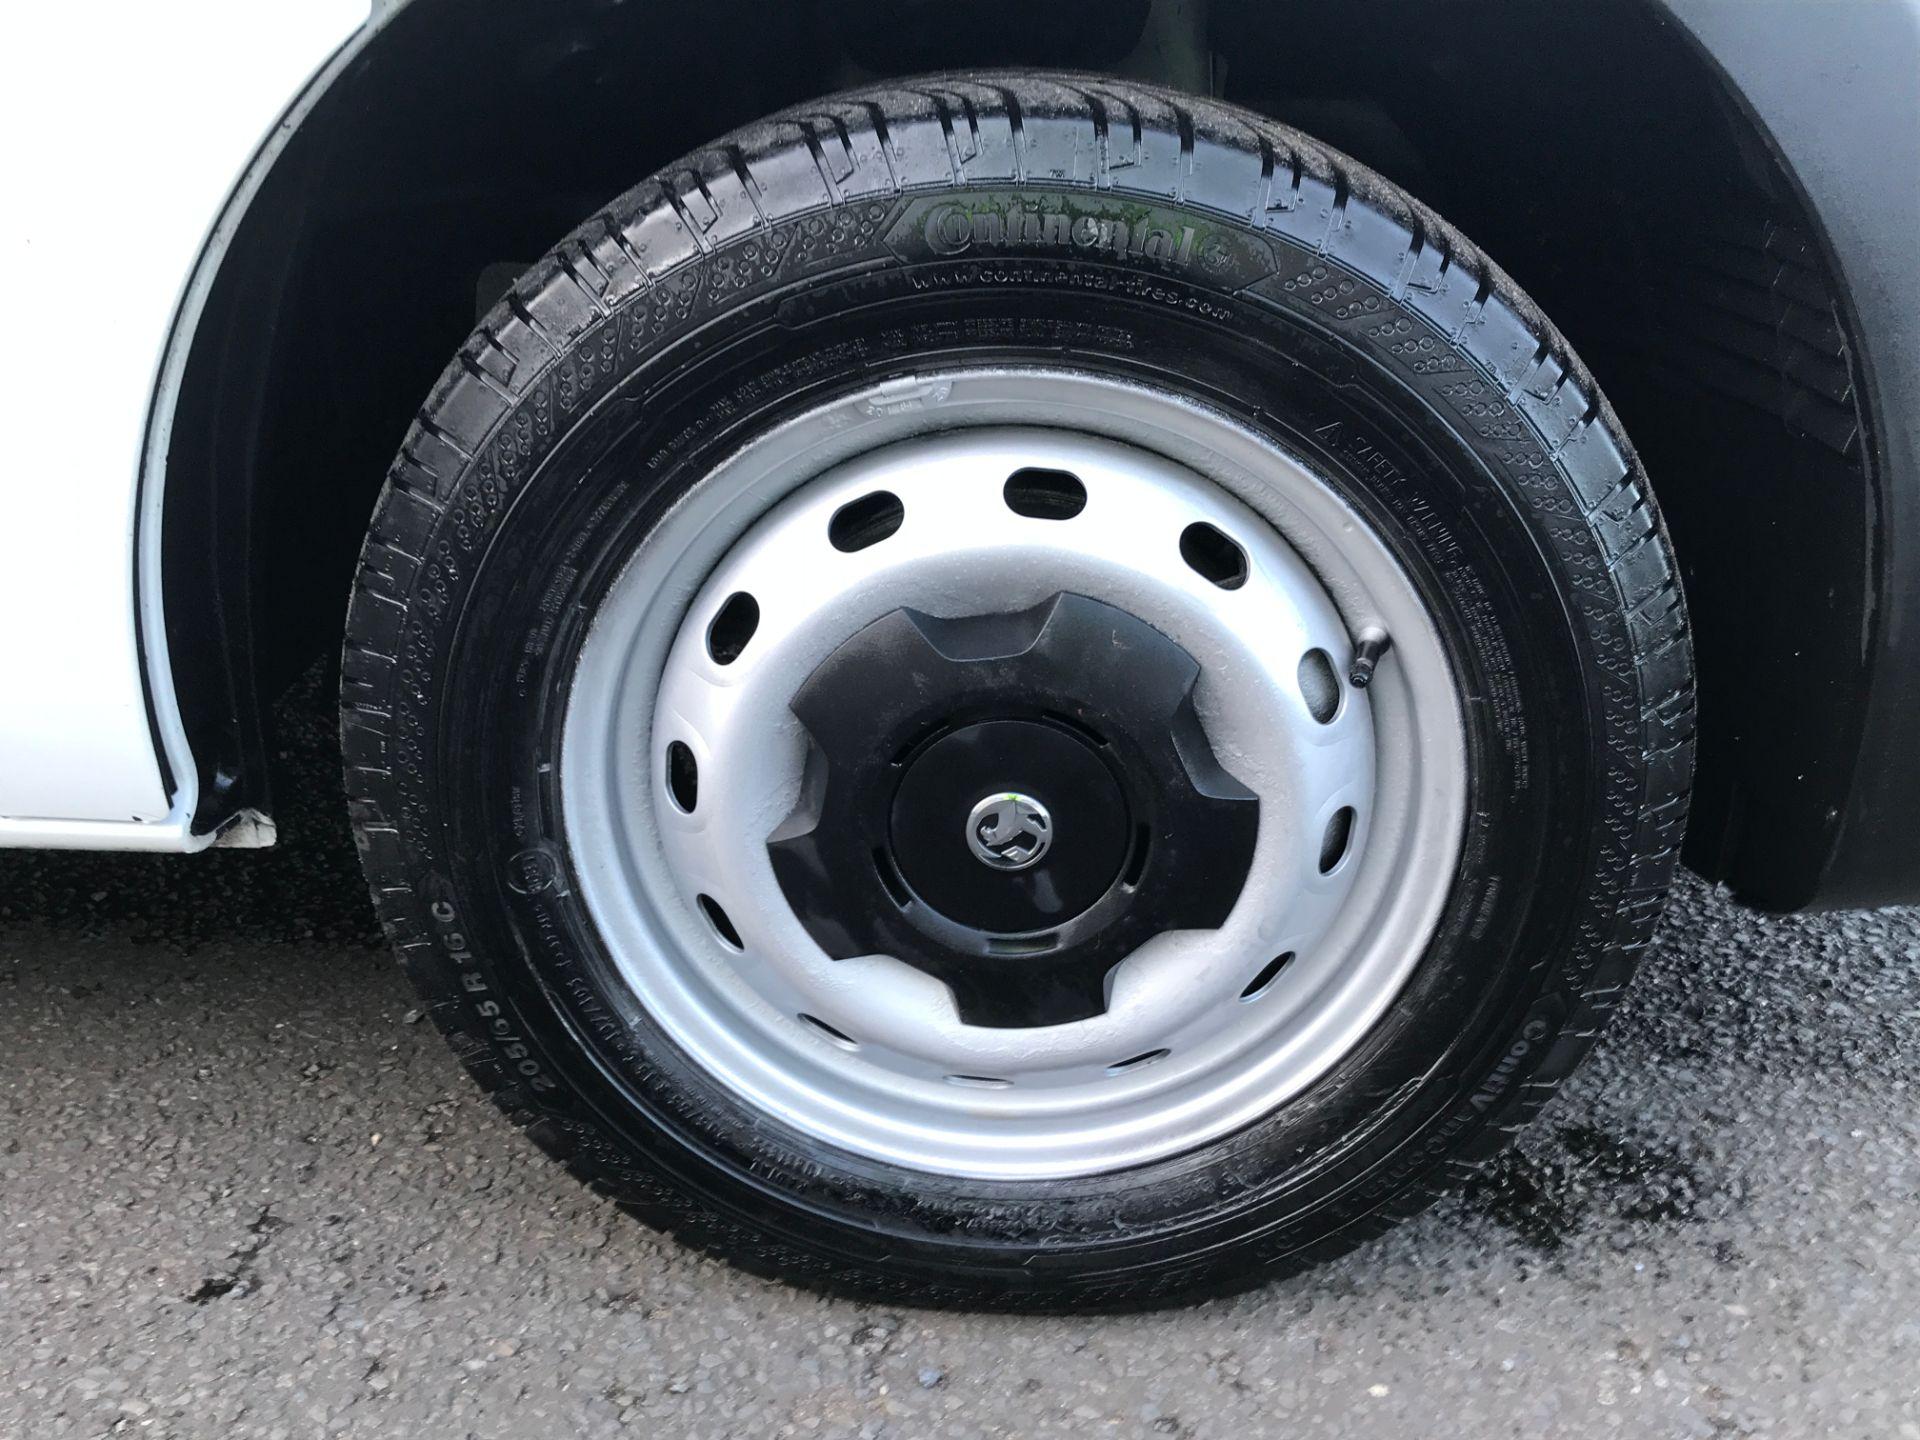 2017 Vauxhall Vivaro 2900 L2 H1 1.6CDTI 120PS EURO 6 (DP17UJB) Image 15